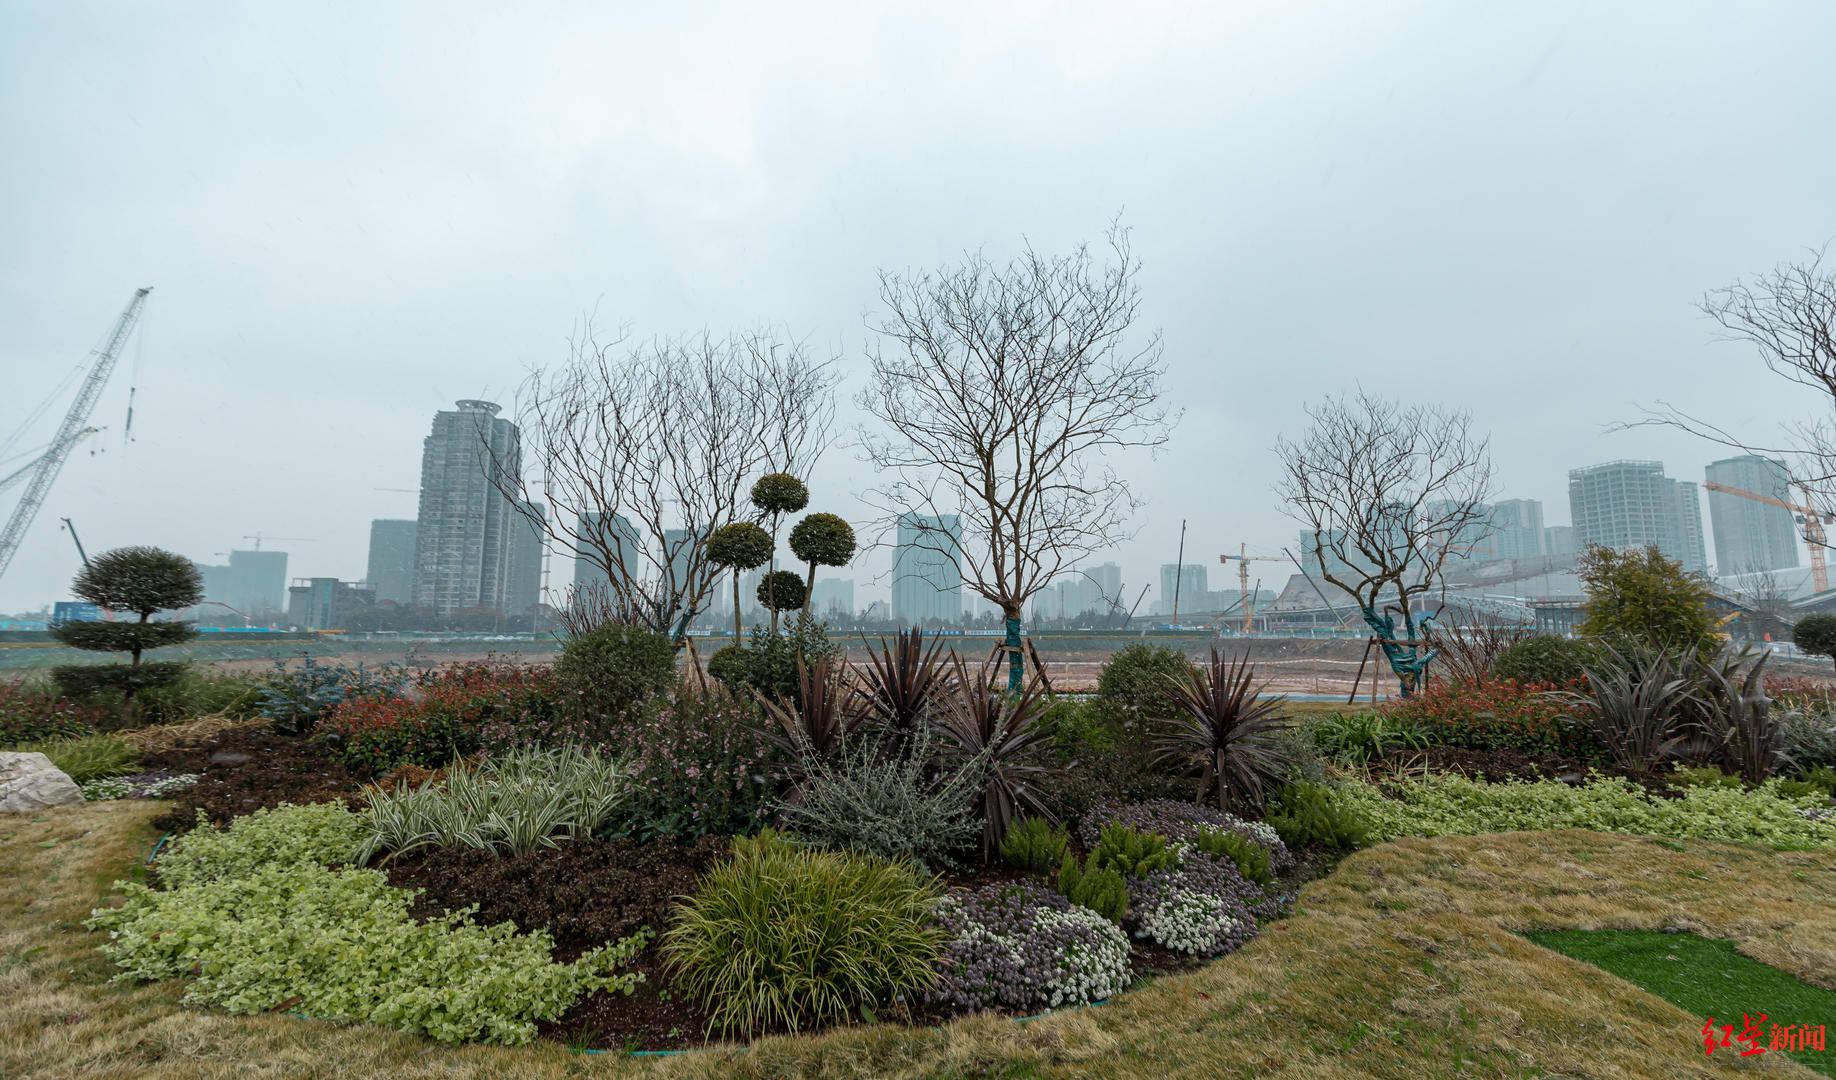 成都天府艺术公园建设内景首次曝光,2大地标雏形已现,预计6月核心区域将呈现